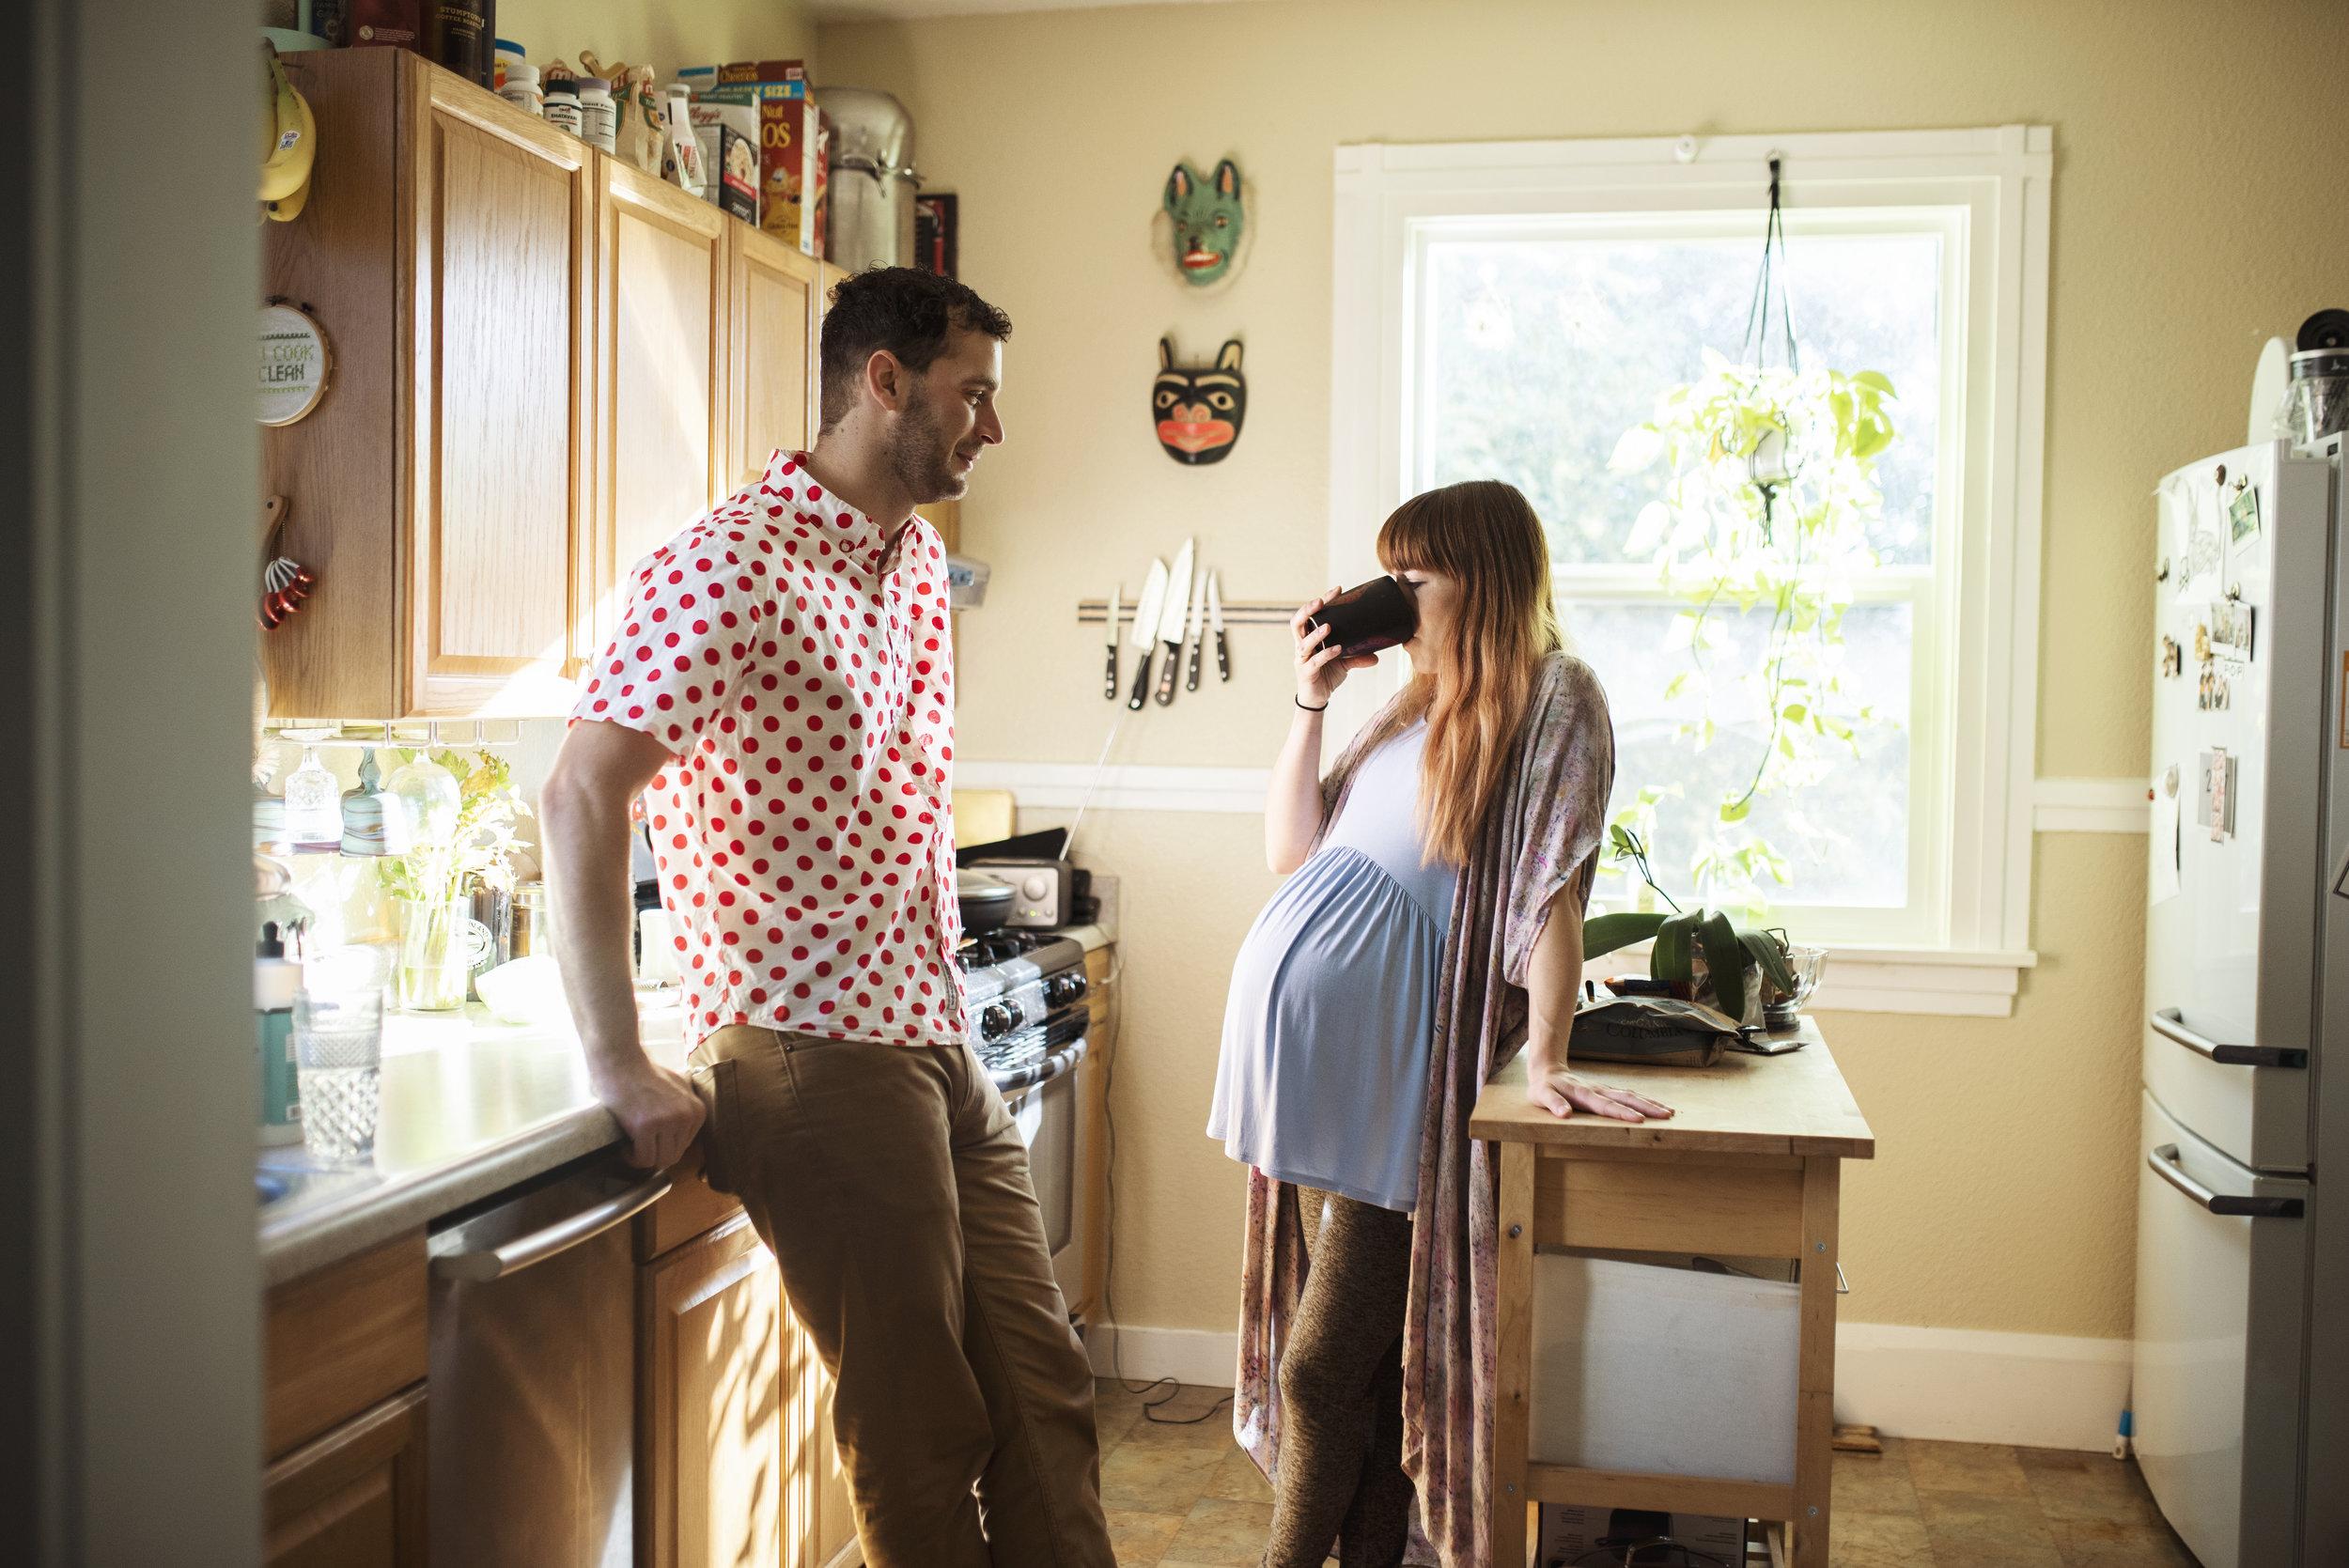 Seattle Pregnancy Photo Shoot